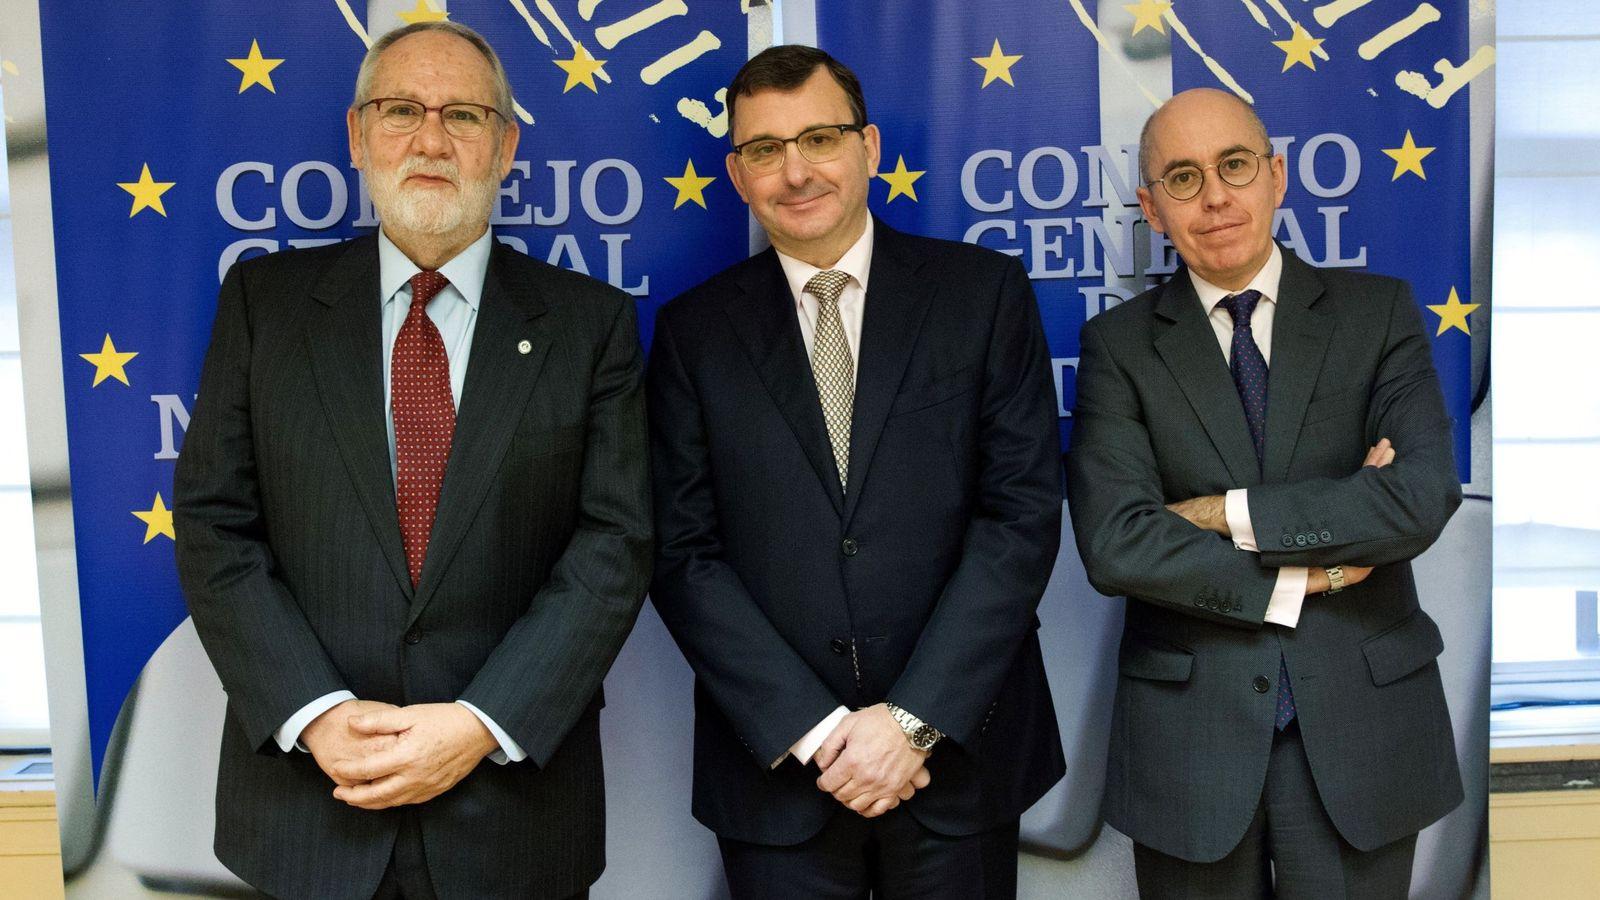 Foto: El presidente del Consejo General del Notariado, José Ángel Martínez Sanchiz (c), en una imagen de archivo. (EFE)